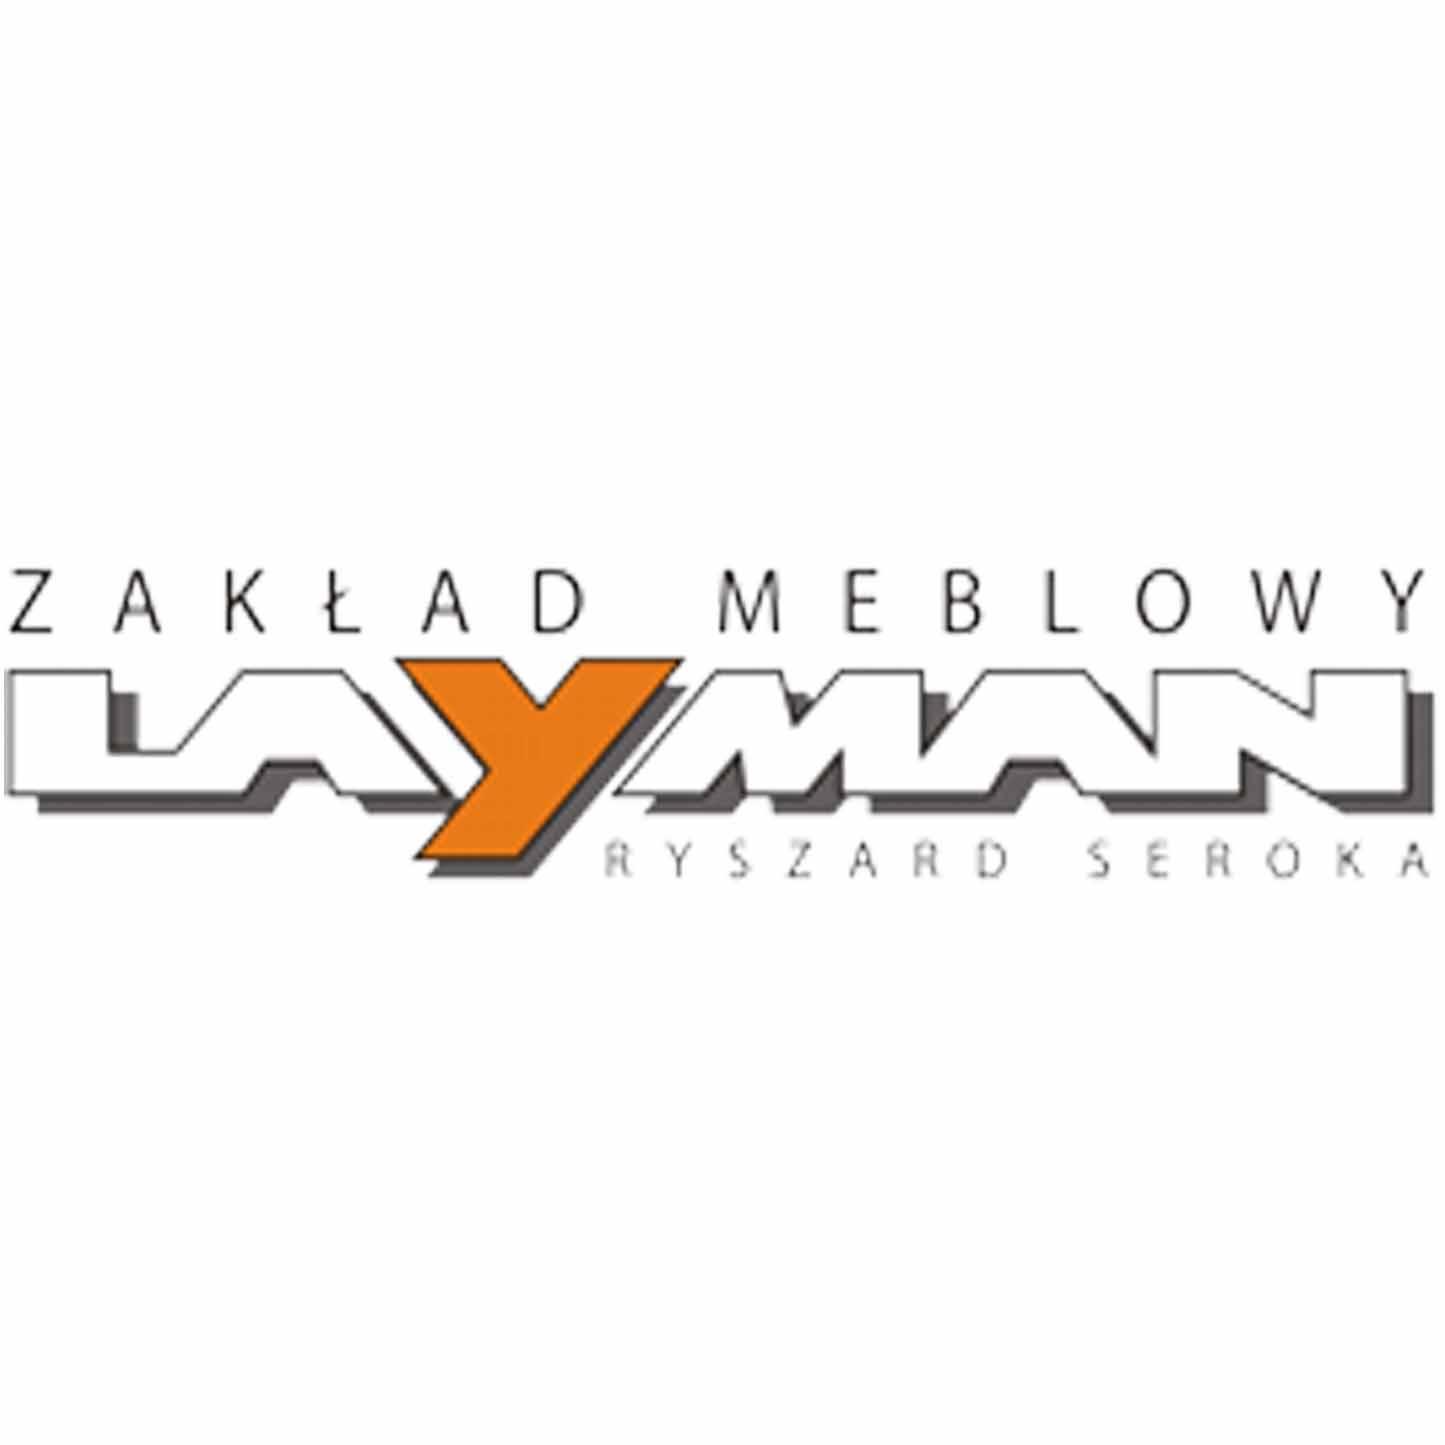 layman-logo.jpg